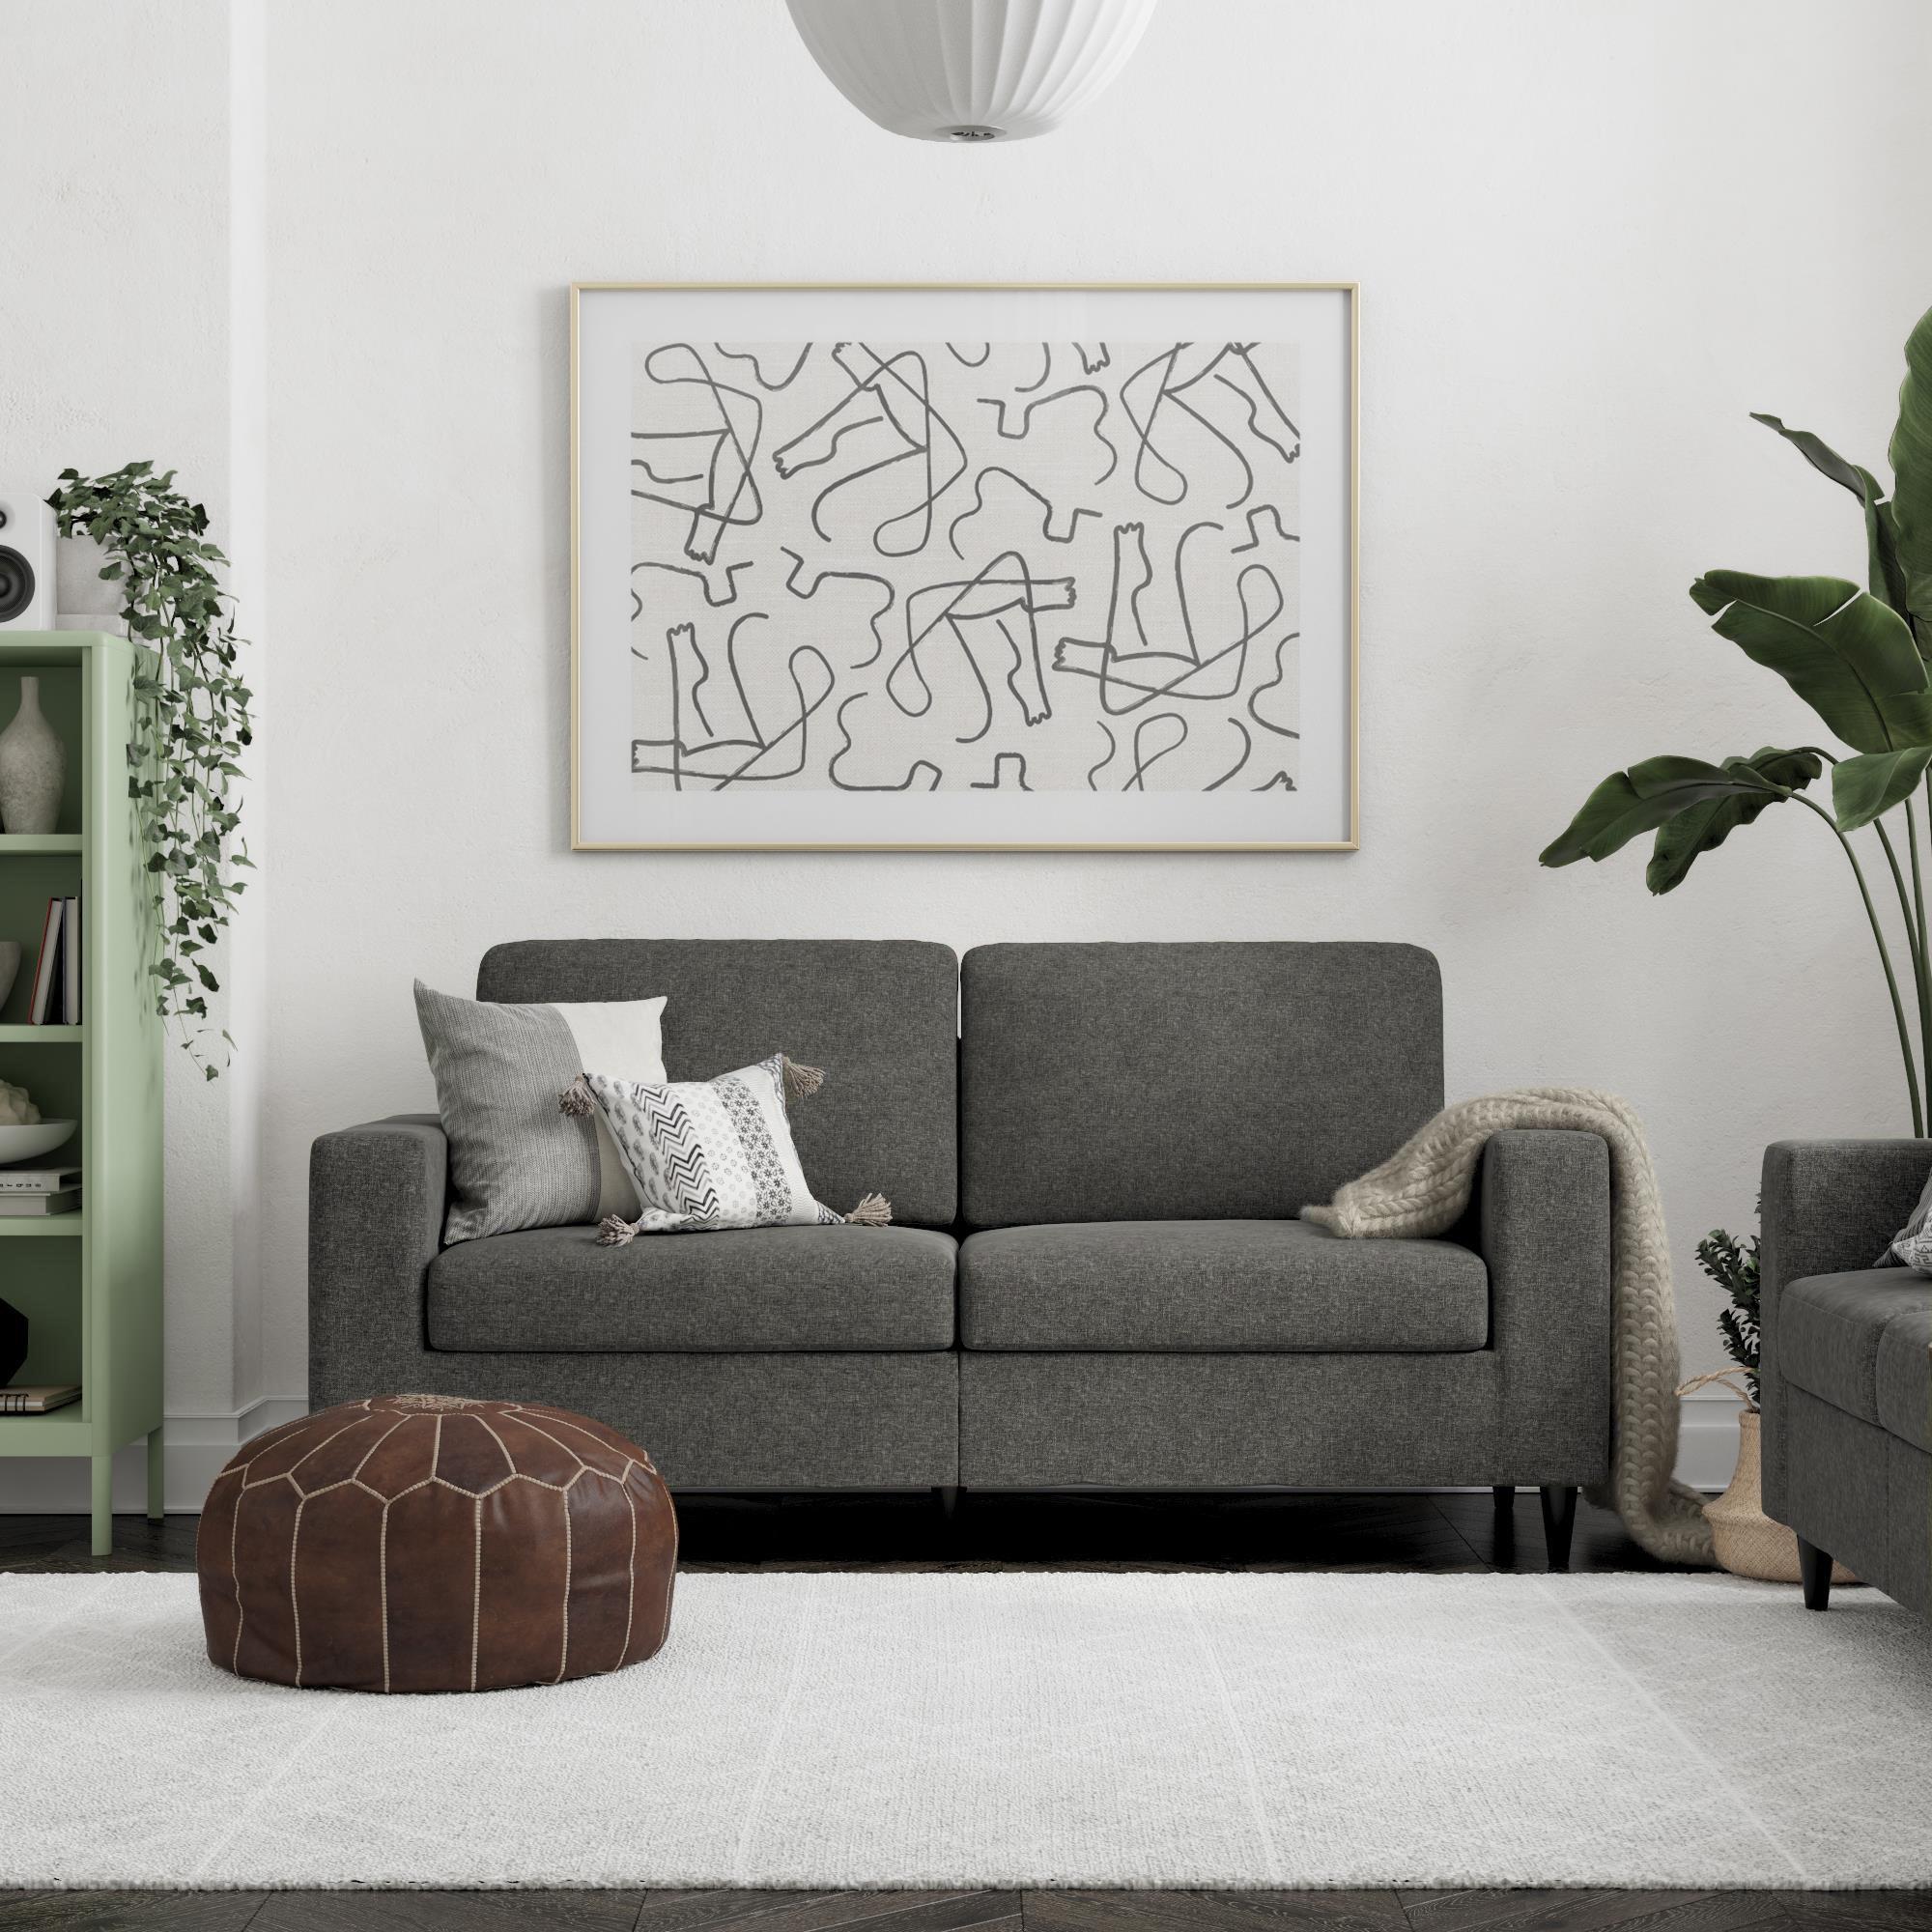 A grey linen sofa in a home